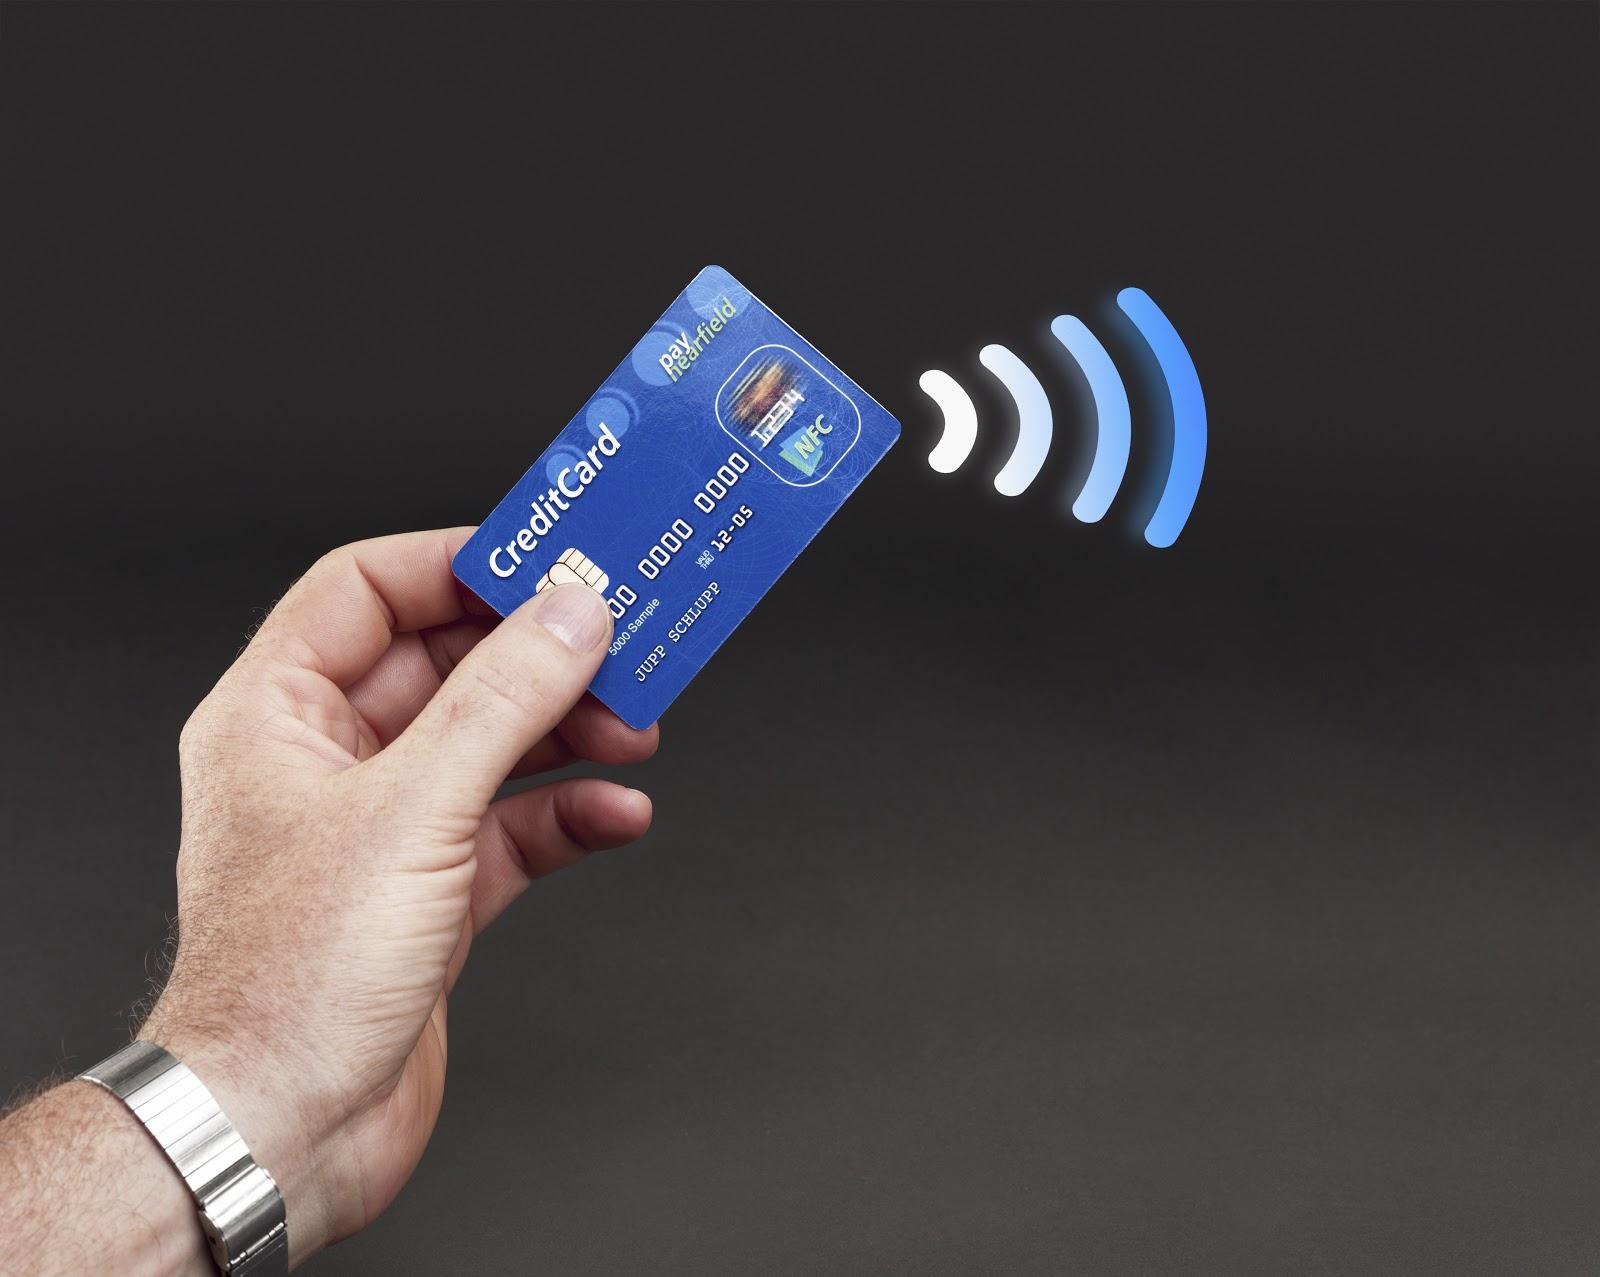 Secura blog rfid credit card may be vulnerable to scam rfid credit card may be vulnerable to scam buycottarizona